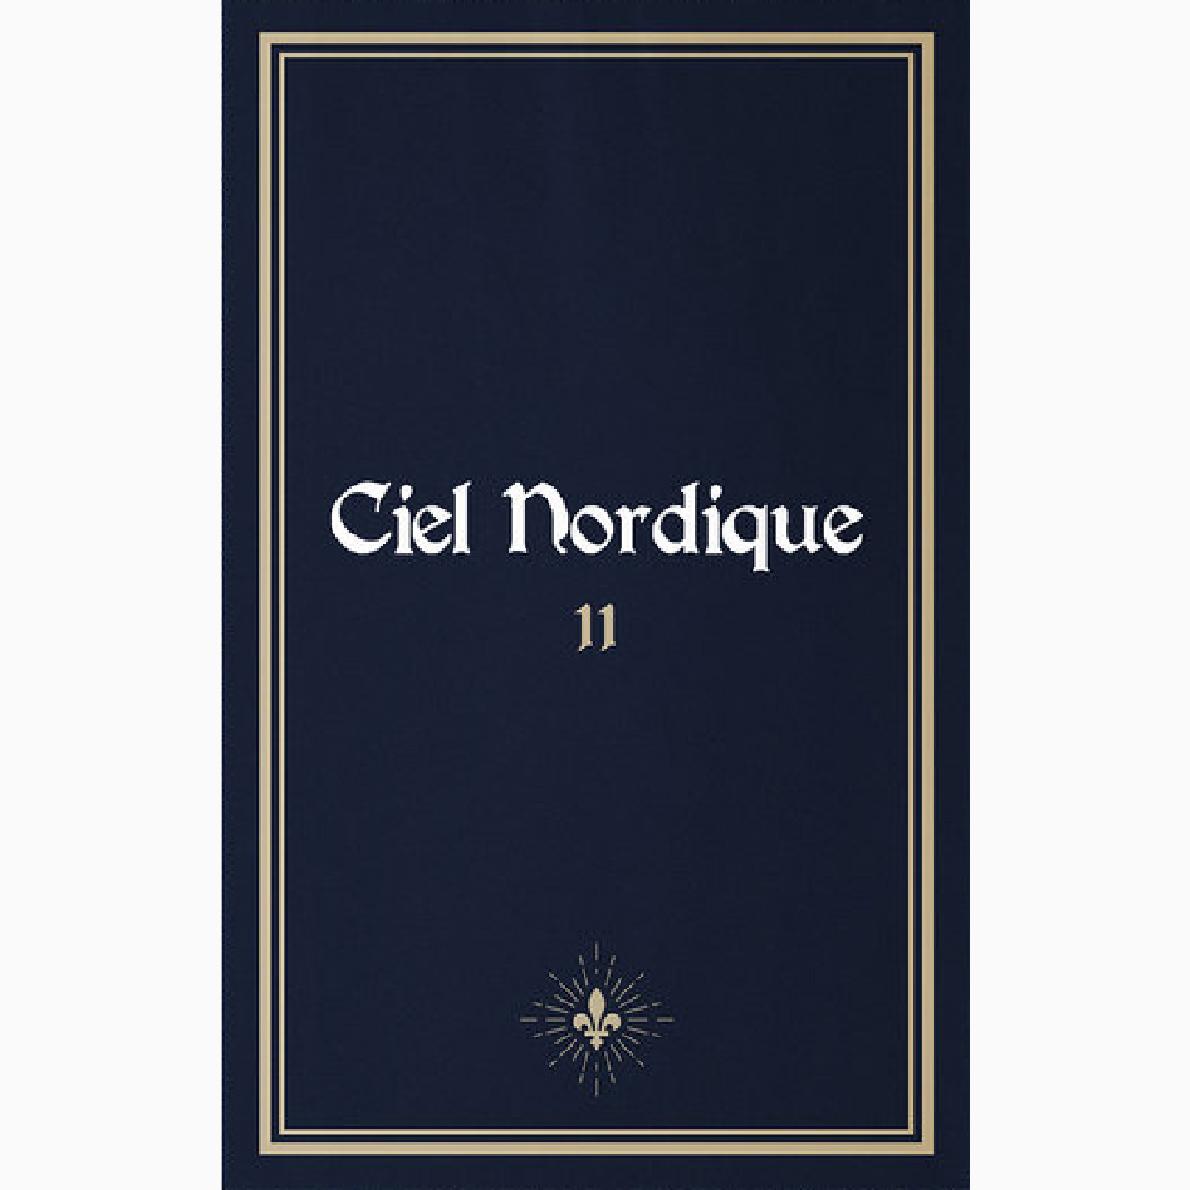 CIEL NORDIQUE - II